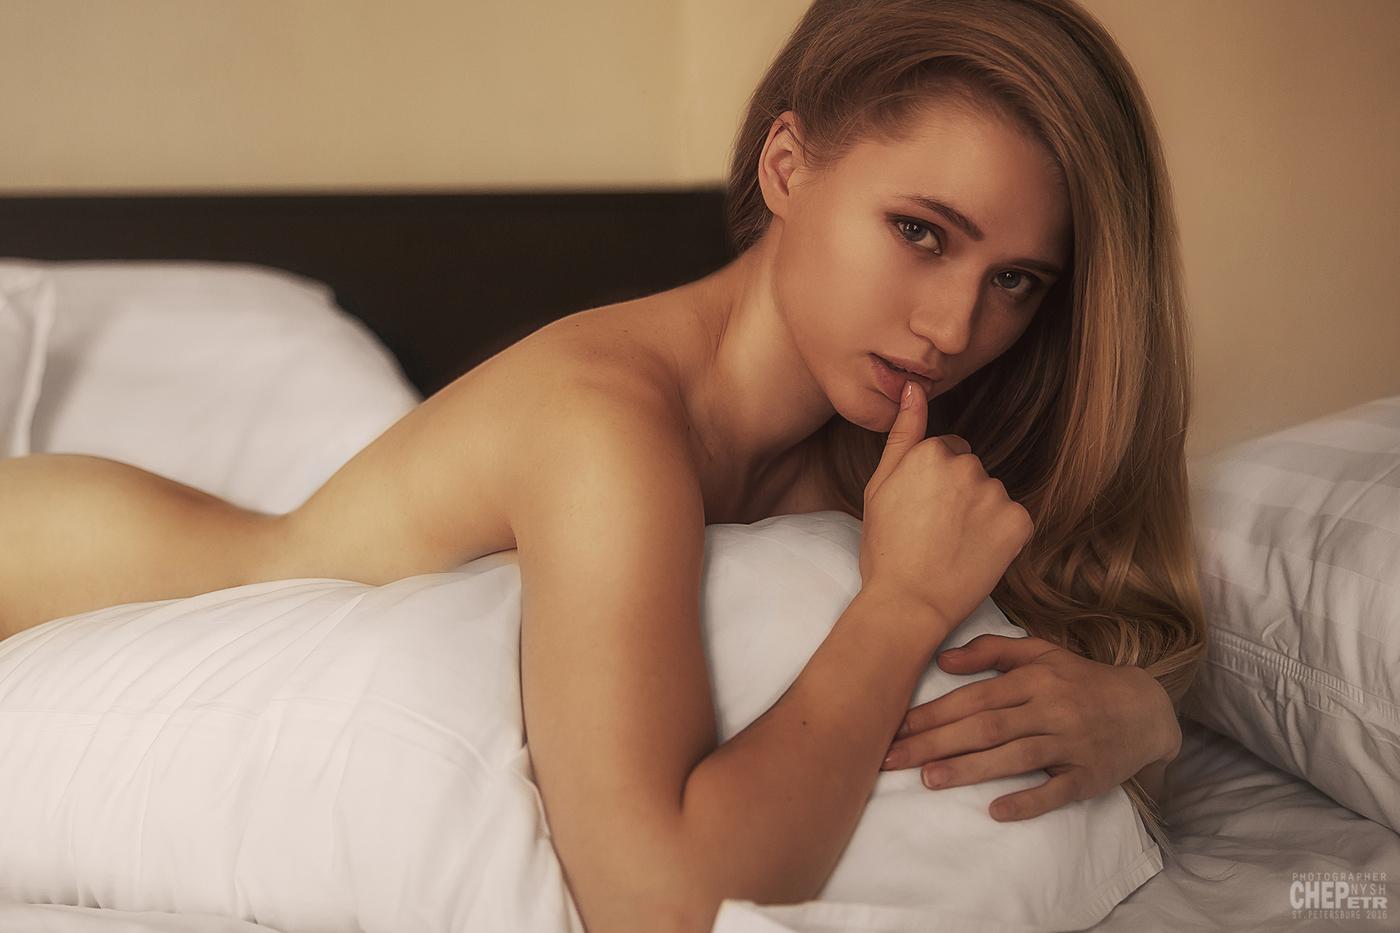 Секс смотреть онлайн легкая эротика массаж взрослые